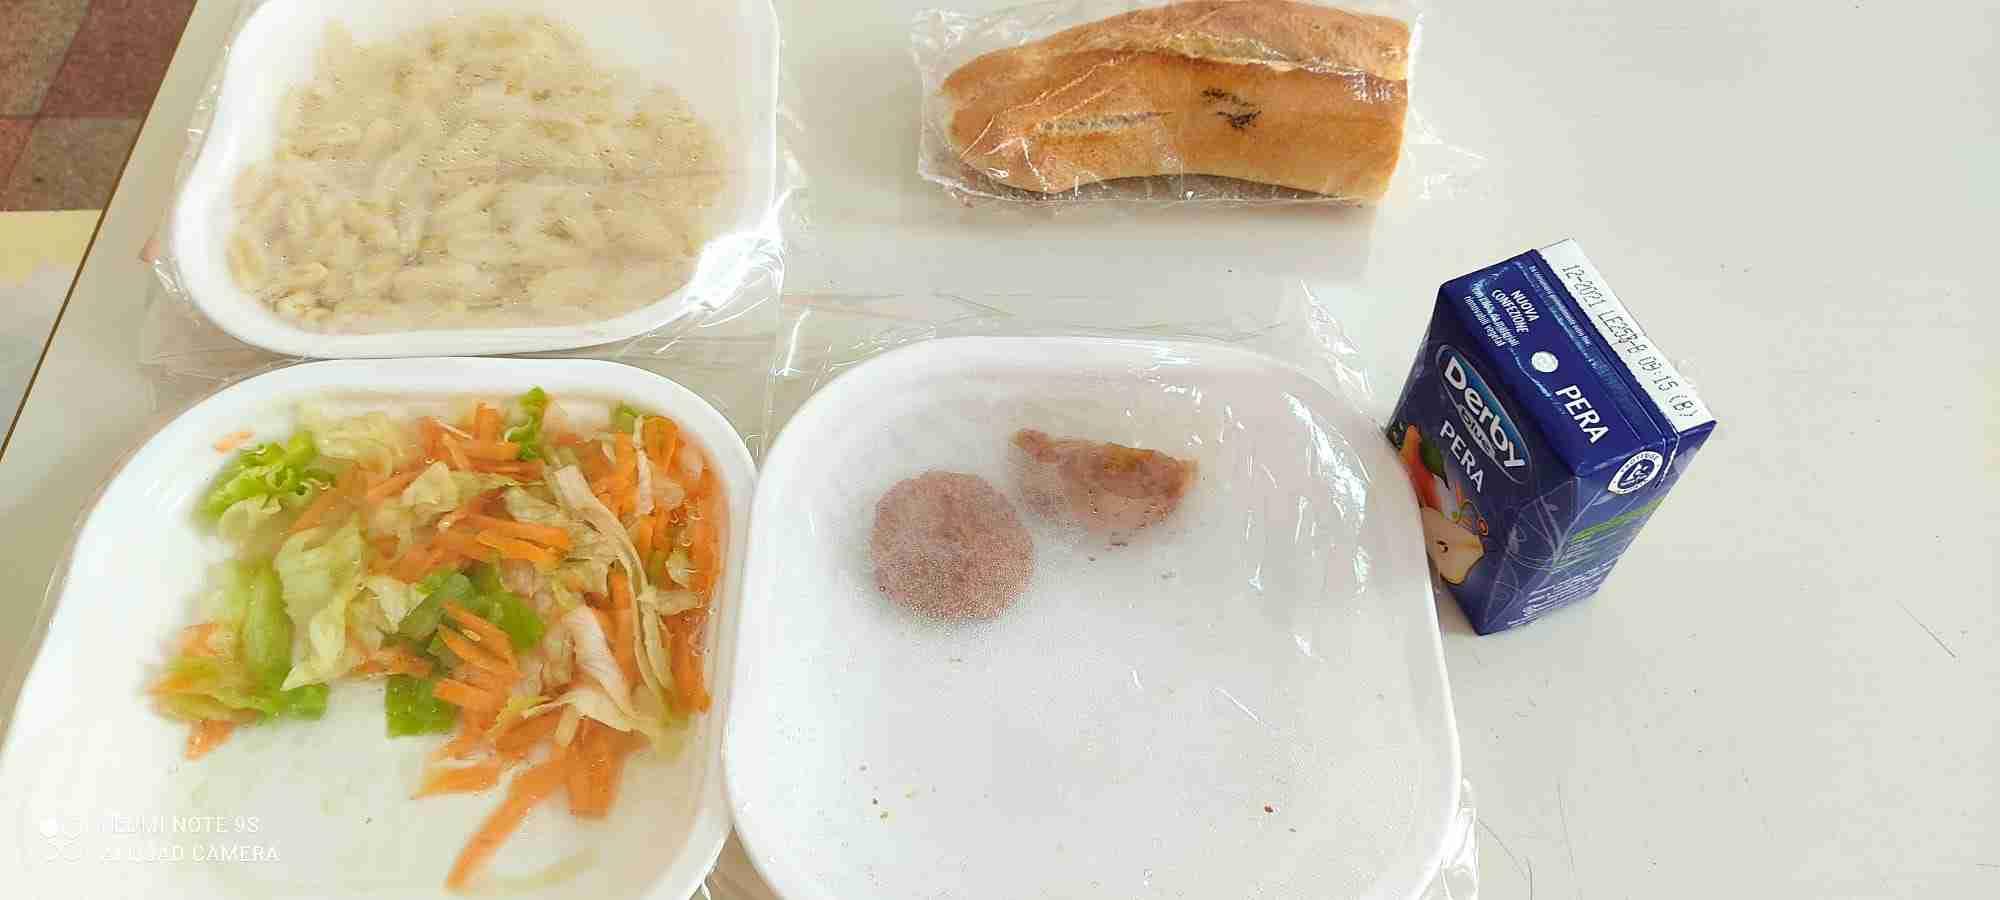 """Mensa scolastica, avvio tra le polemiche. I genitori: """"Questo è un pasto da 4 euro?"""""""